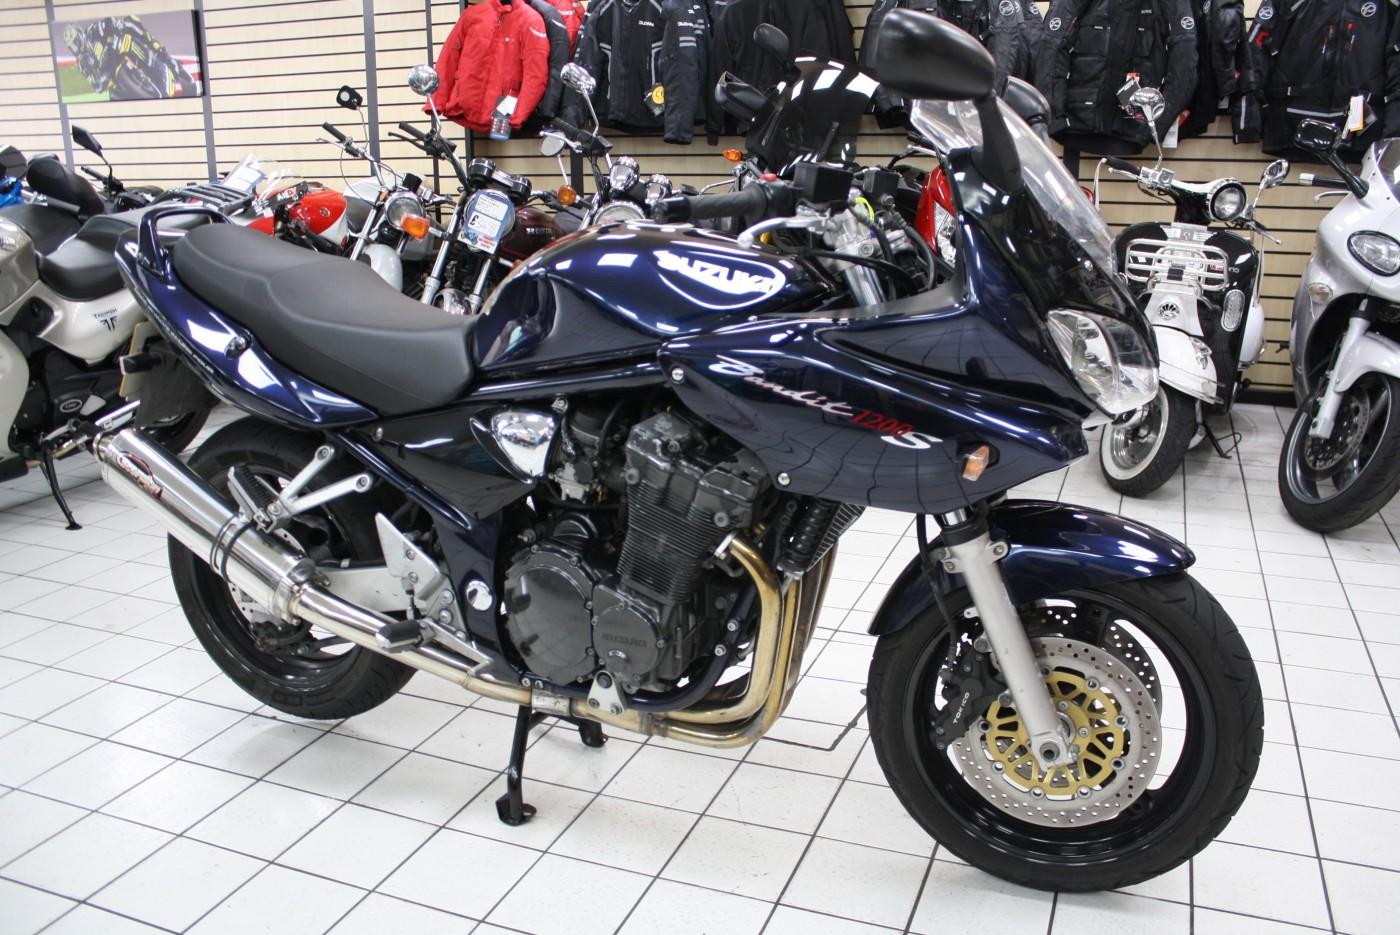 2003 Suzuki GSF1200 Bandit Blue Only 8261 miles